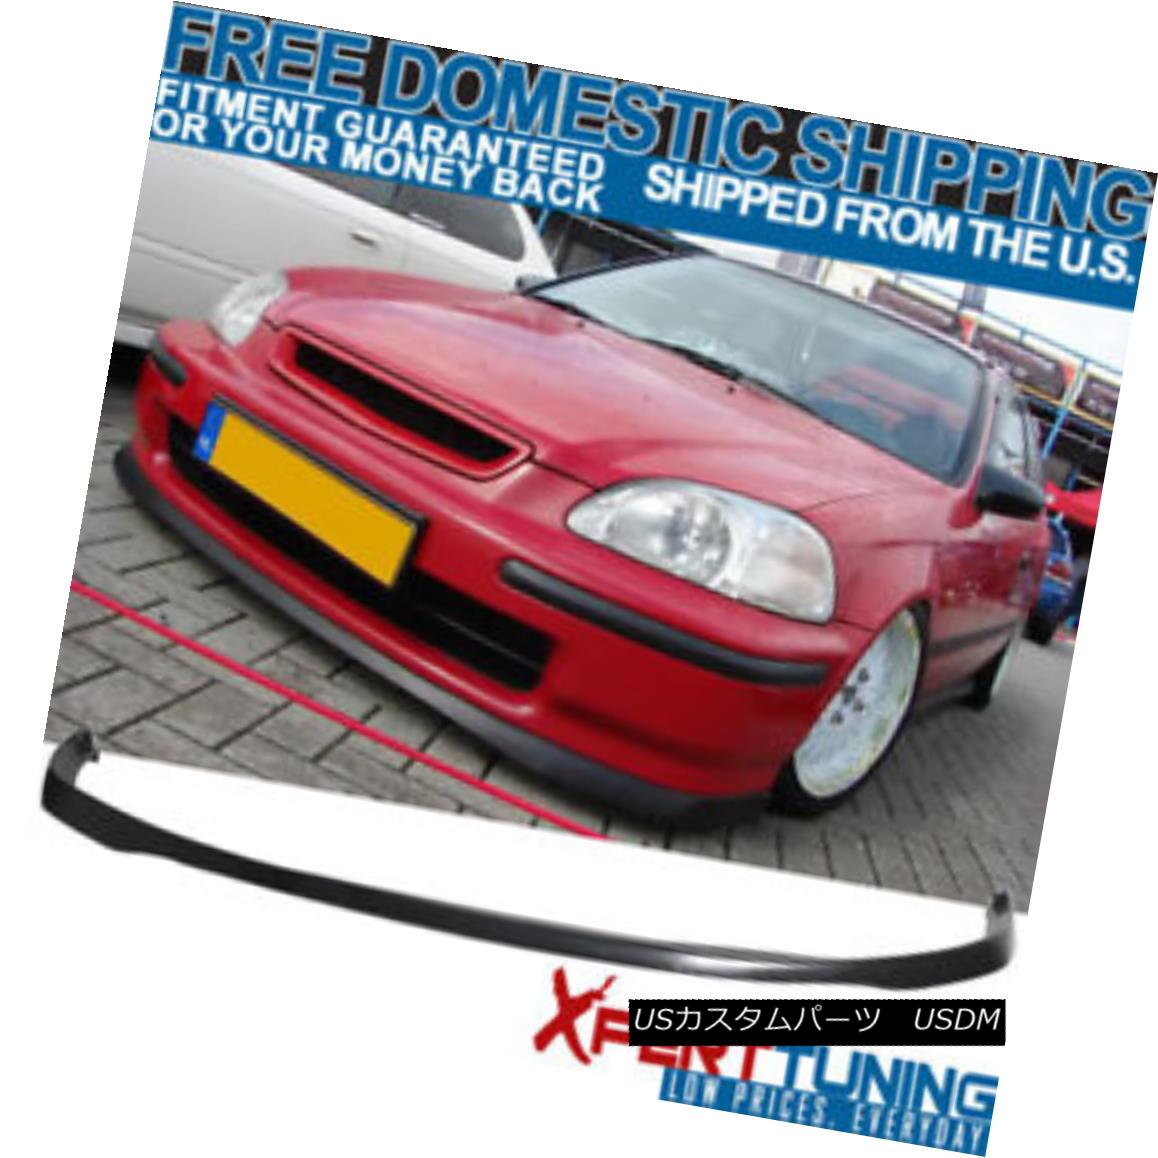 【国内正規品】 エアロパーツ Fits 99-00 Honda Civic JDM Type Sir Front Bumper Lip Spoiler Poly-Urethane フィット99-00ホンダシビックJDMタイプサーフロントバンパーリップスポイラーポリウレタン, 文林堂四宣斎 96360e5d